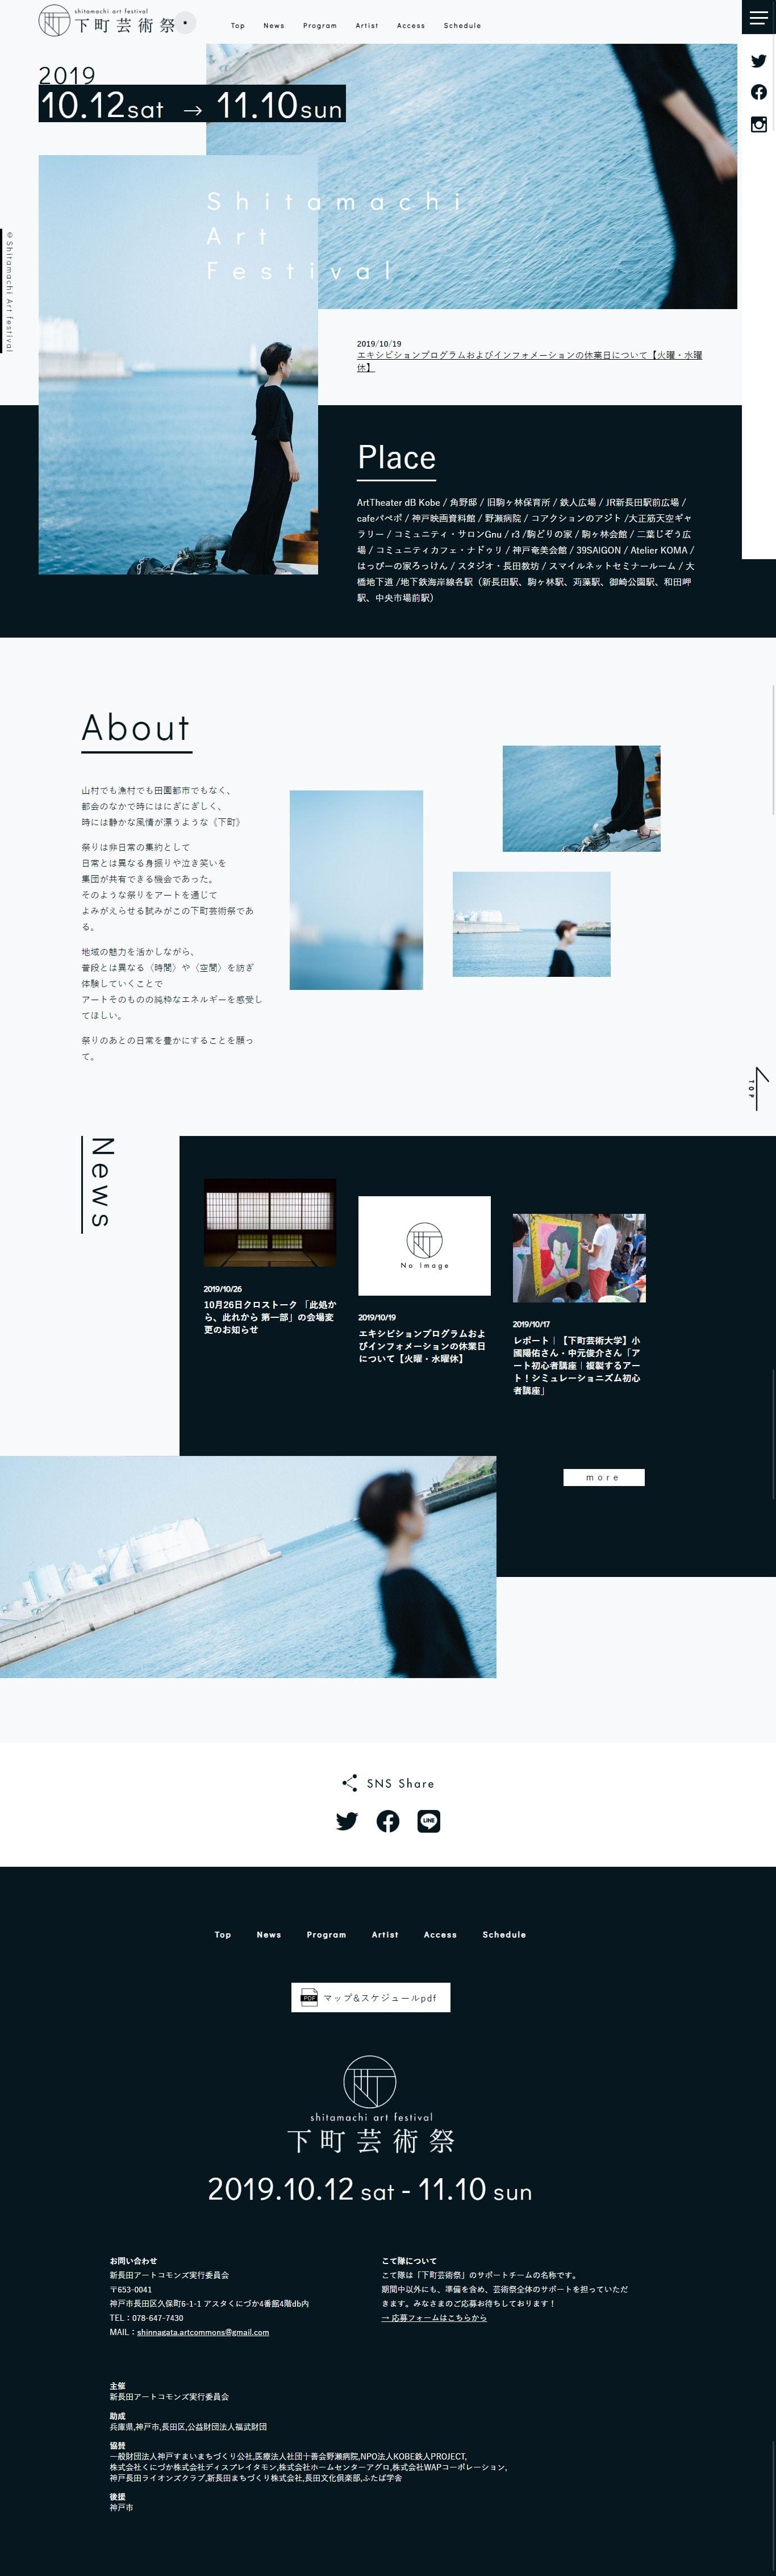 下町芸術祭 Shitamachi Art Festival 2019